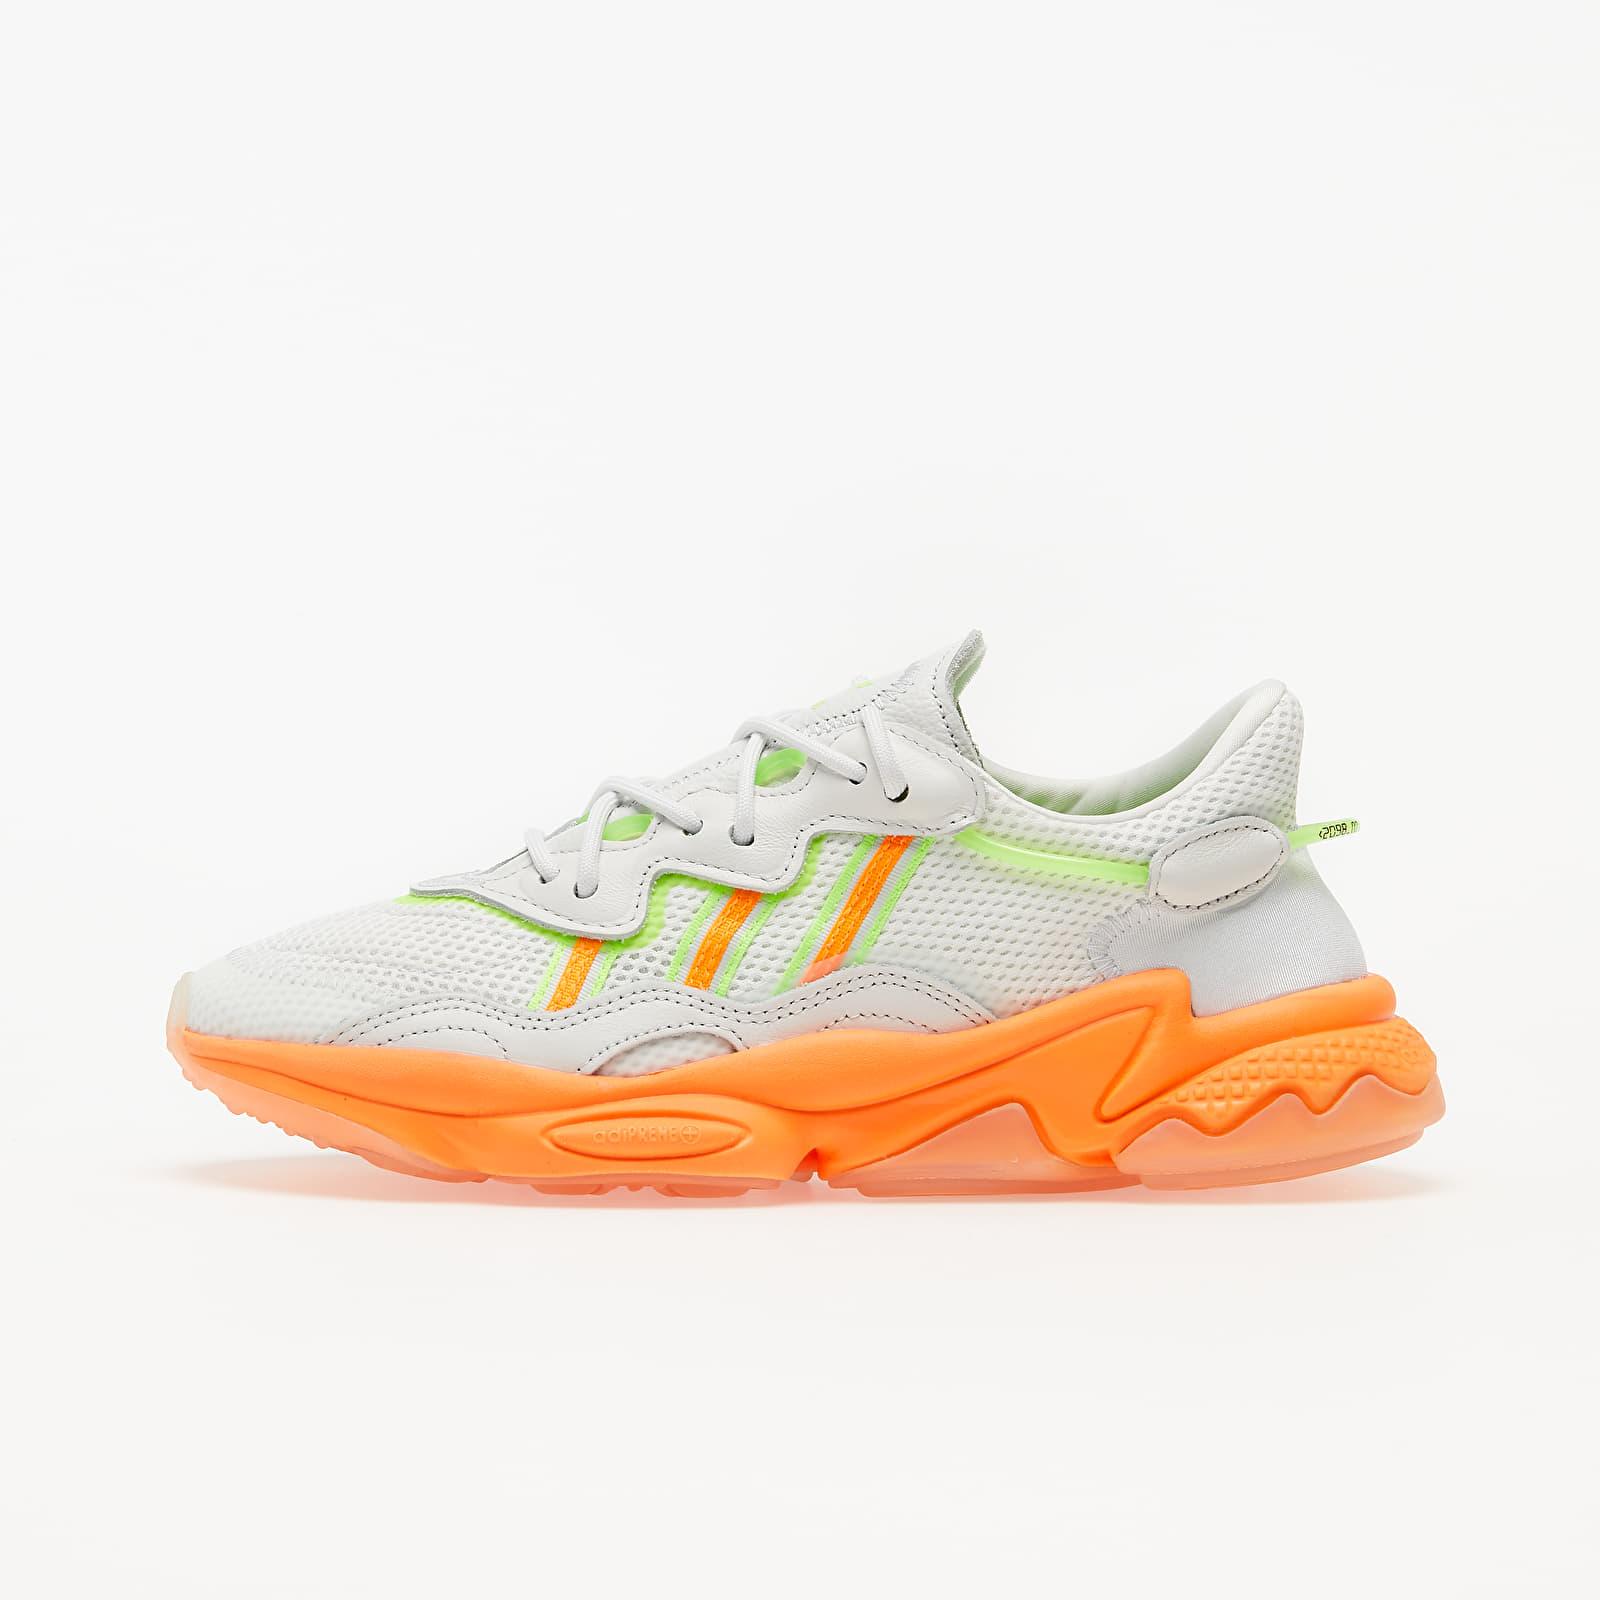 adidas Ozweego W Crystal White/ Signature Orange/ Signature Green FV9748